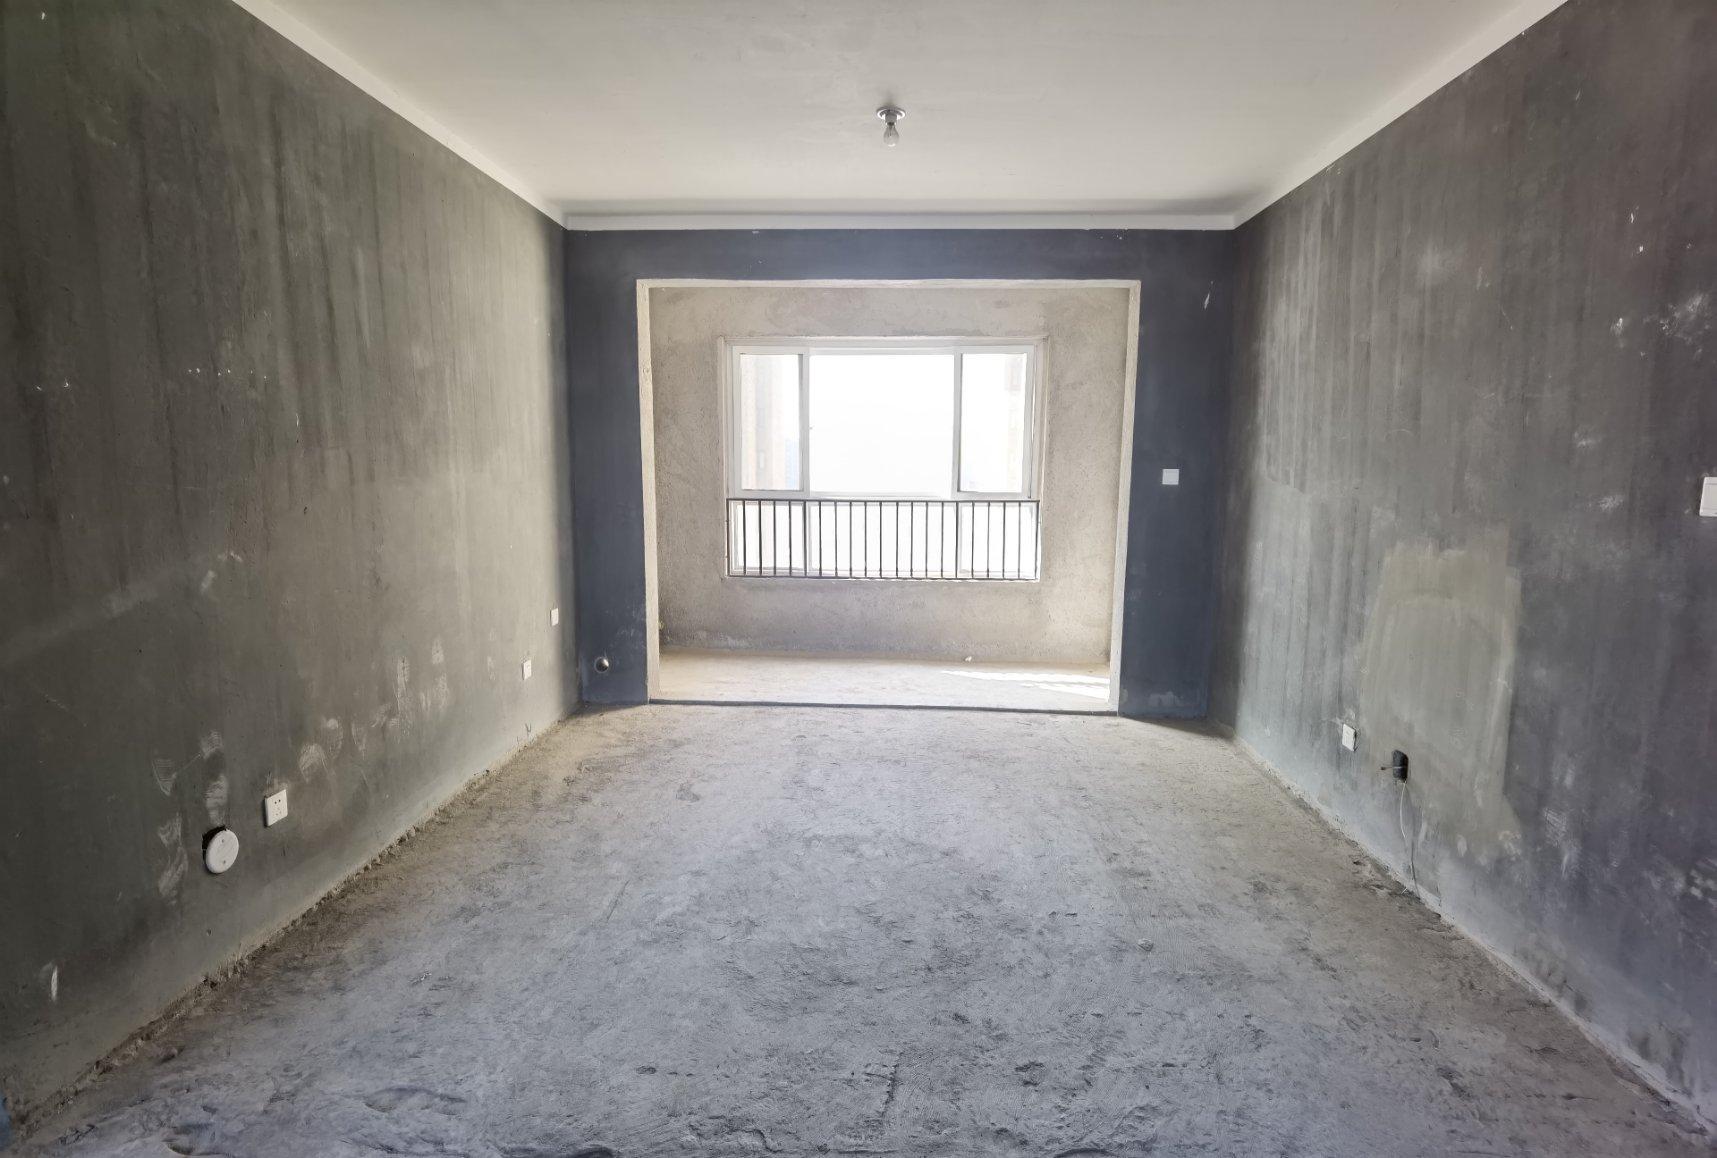 建业 宝龙龙邸 毛坯3室 113平100万 南北通透 全明